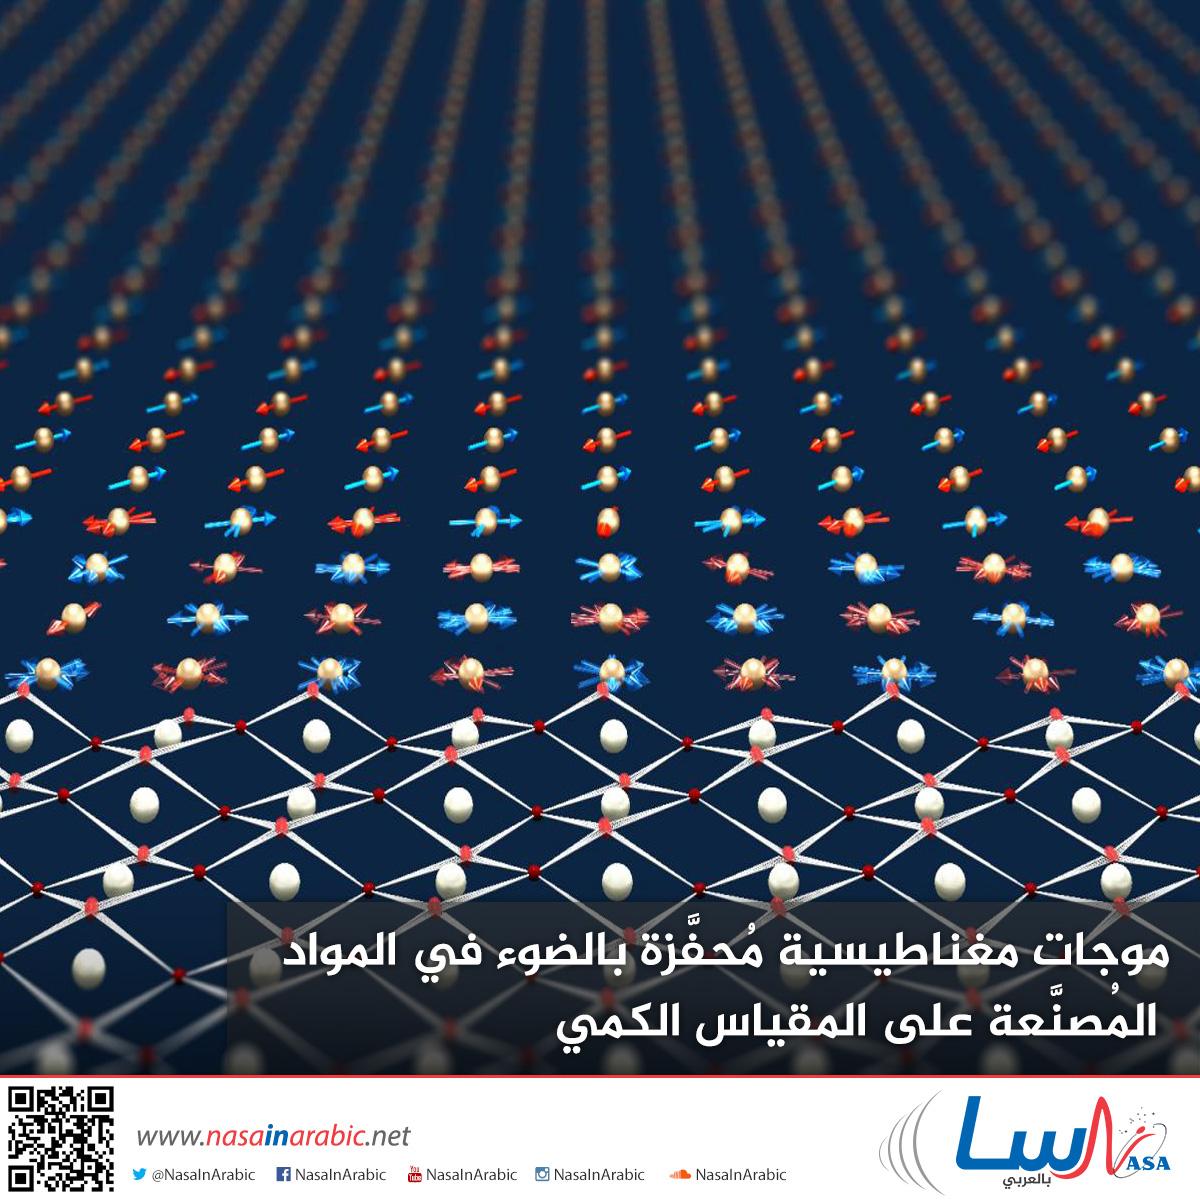 موجات مغناطيسية مُحفَّزة بالضوء في المواد المُصنَّعة على المقياس الكمي